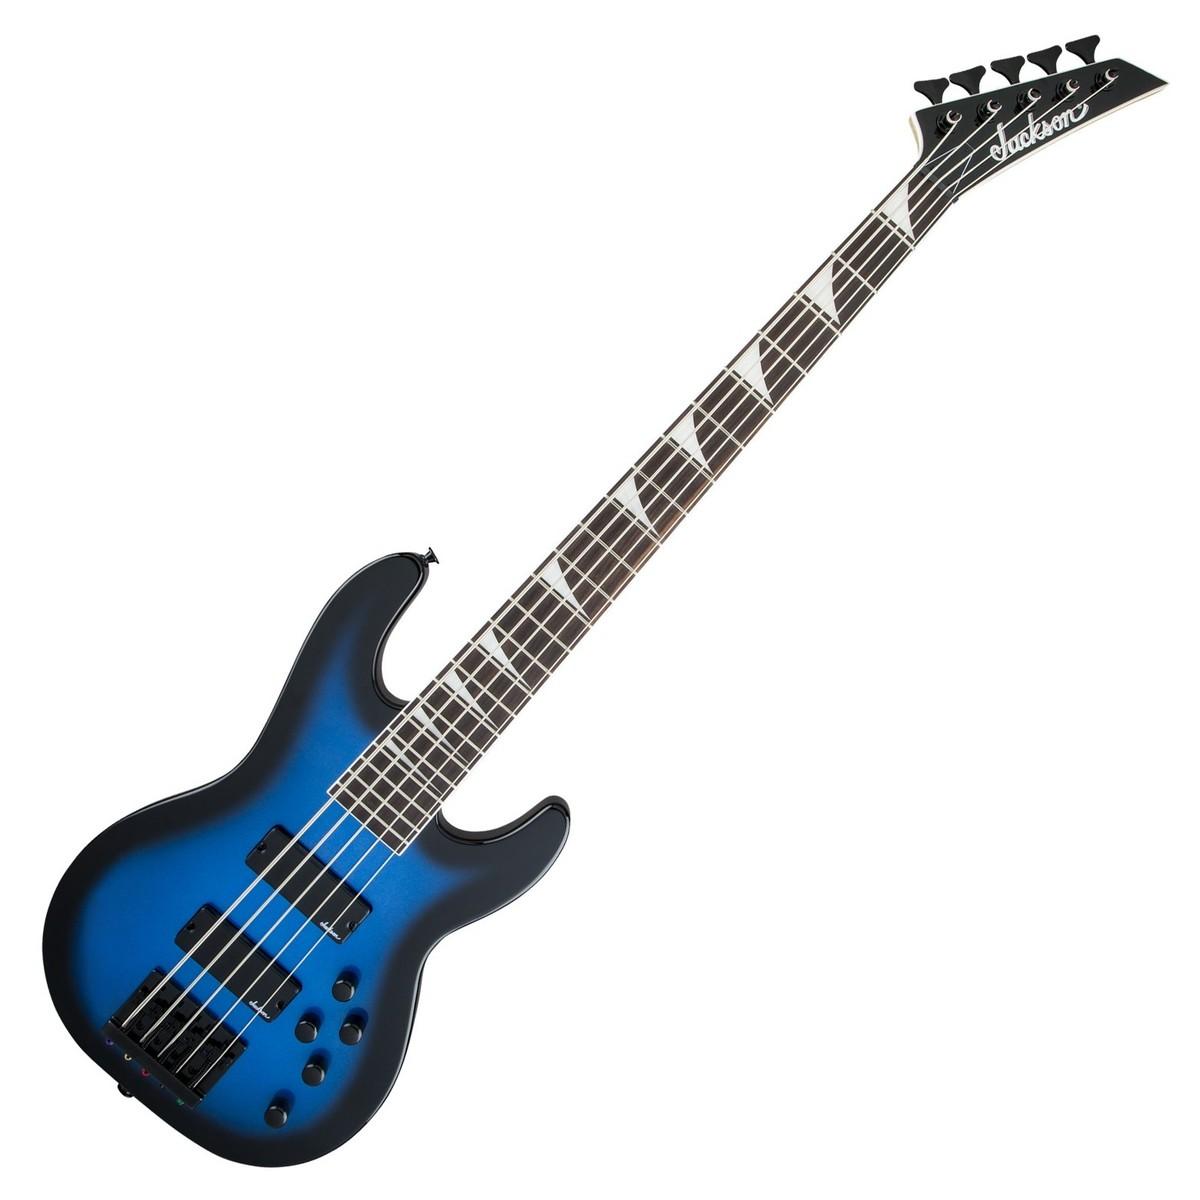 jackson js3v concert bass guitar metallic blue burst at gear4music. Black Bedroom Furniture Sets. Home Design Ideas